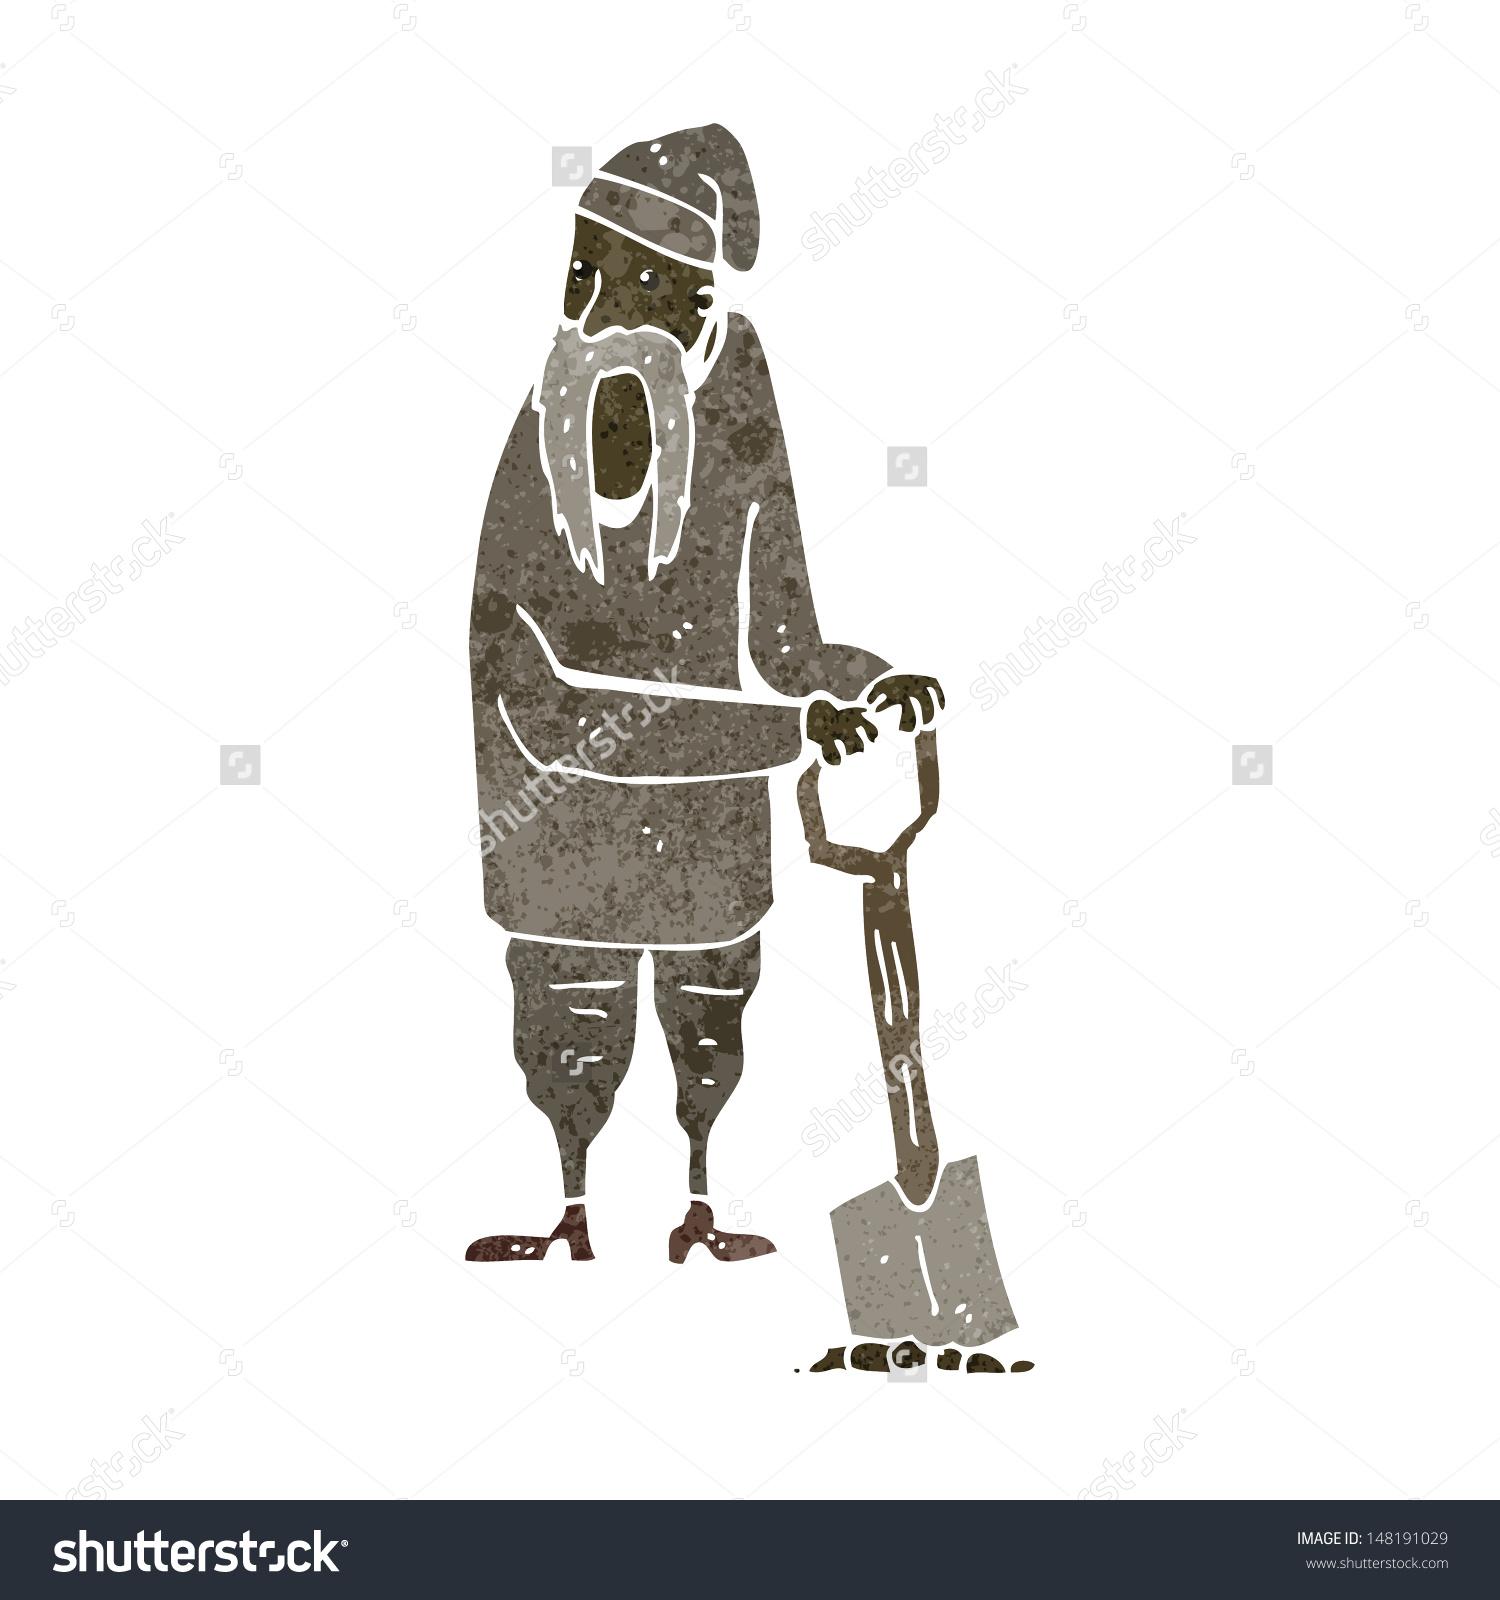 Retro Cartoon Medieval Peasant Stock Vector 148191029.